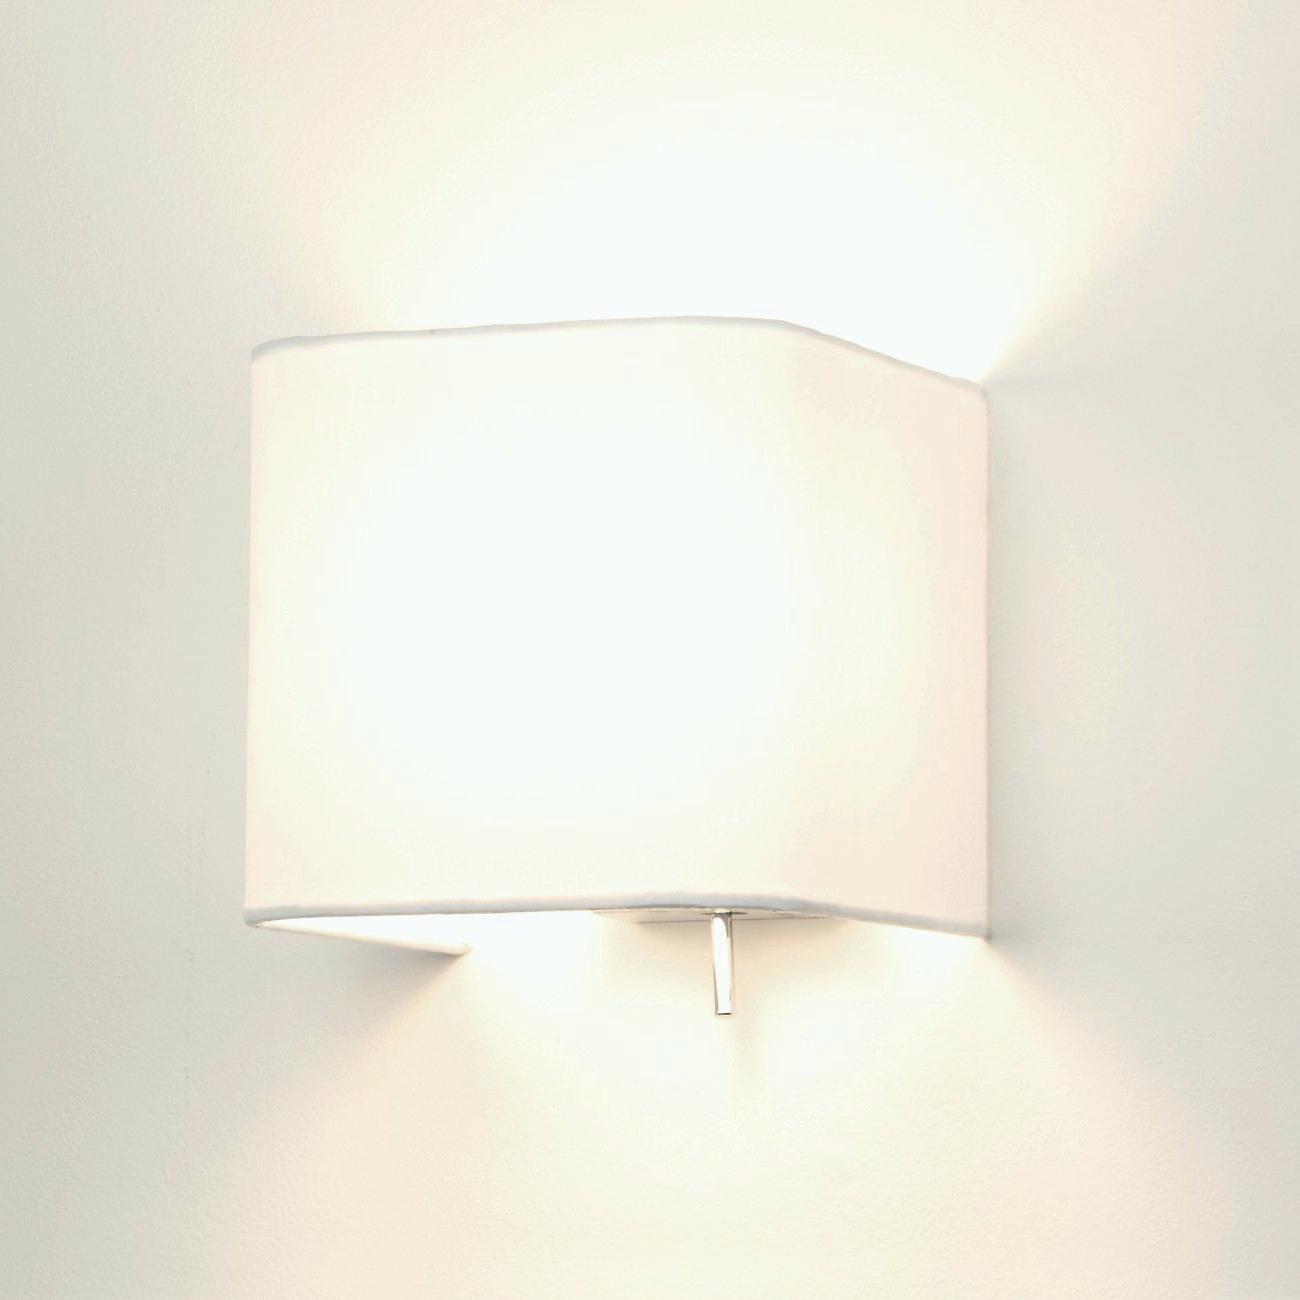 13 Ausgezeichnet Bilder Von Badezimmer Lampe Ohne Stromanschluss